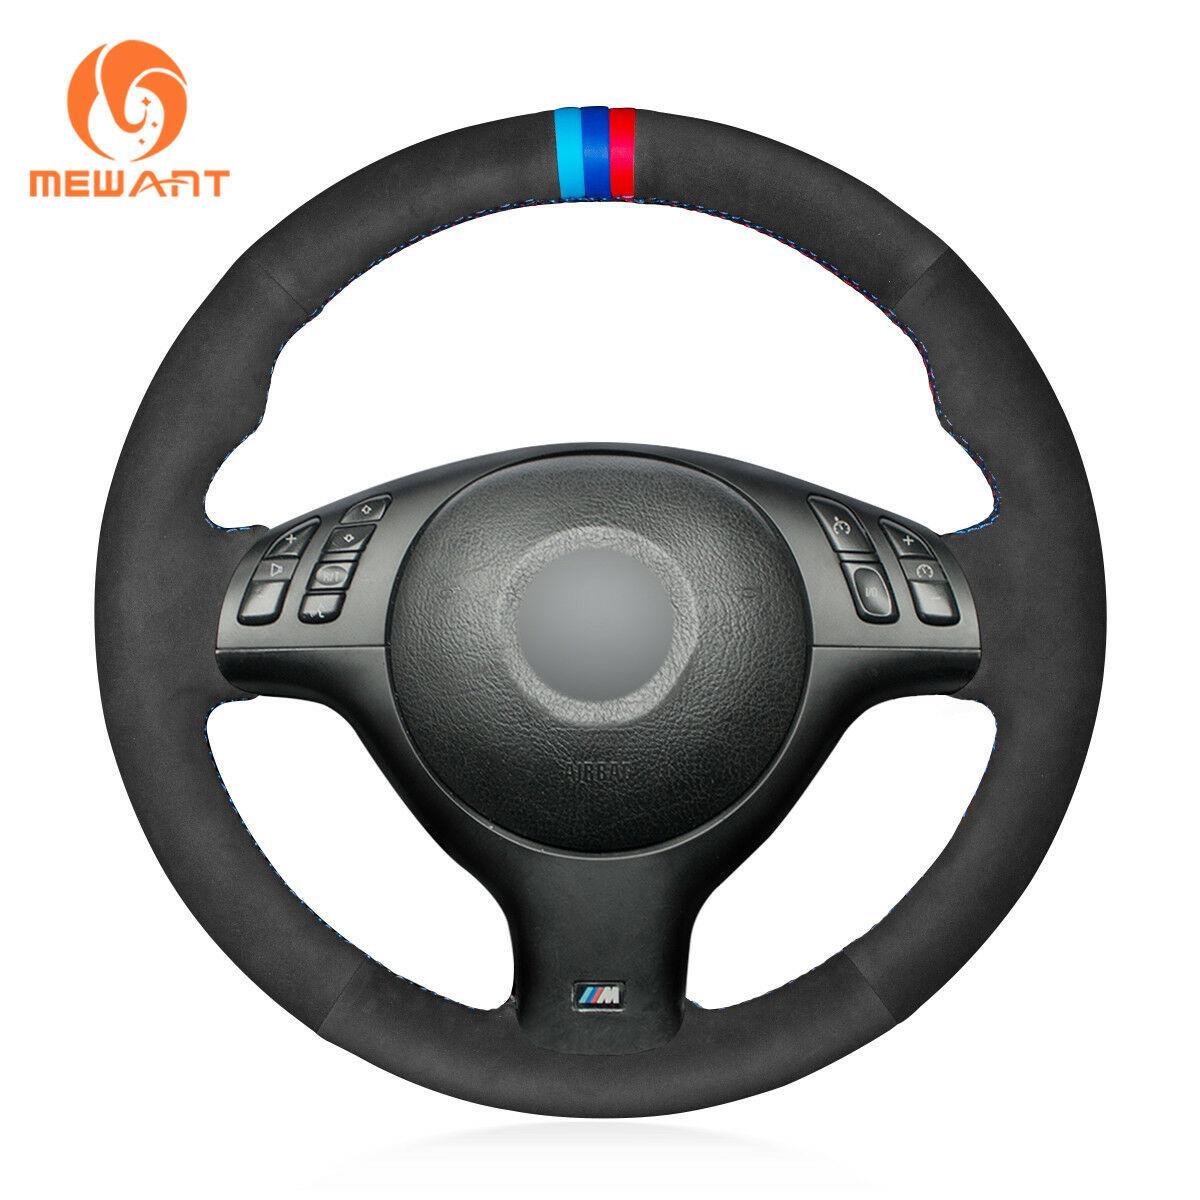 Diy Suede Steering Wheel Cover for BMW E46 E39 330i 520i 520i 530i 330Ci M3 # BM133